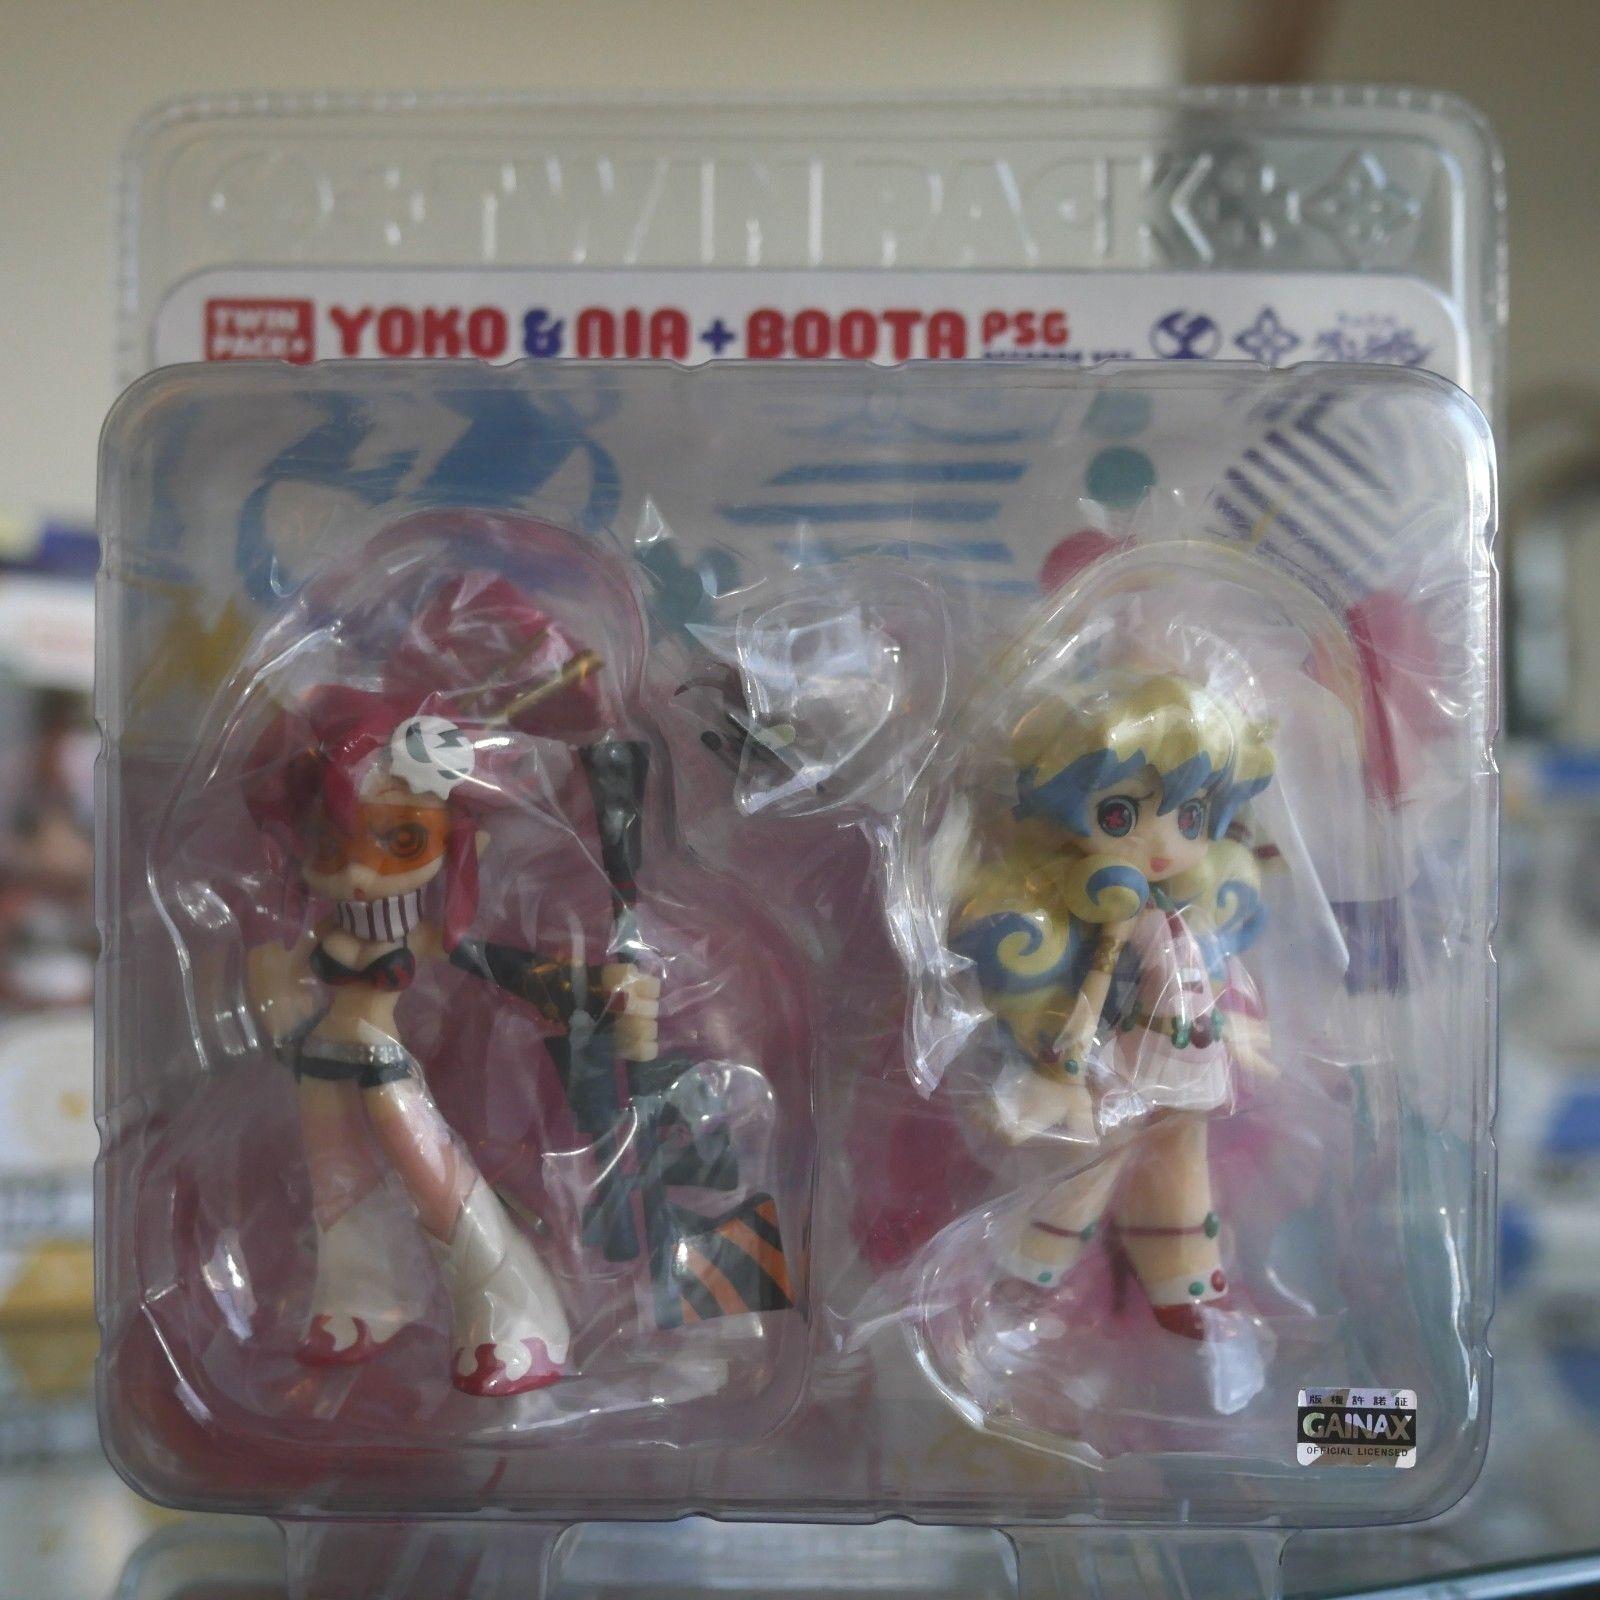 Nia, Yoko, e avvioa PSG Arrange Ver Twin Pack Gurren Lagann  Phat